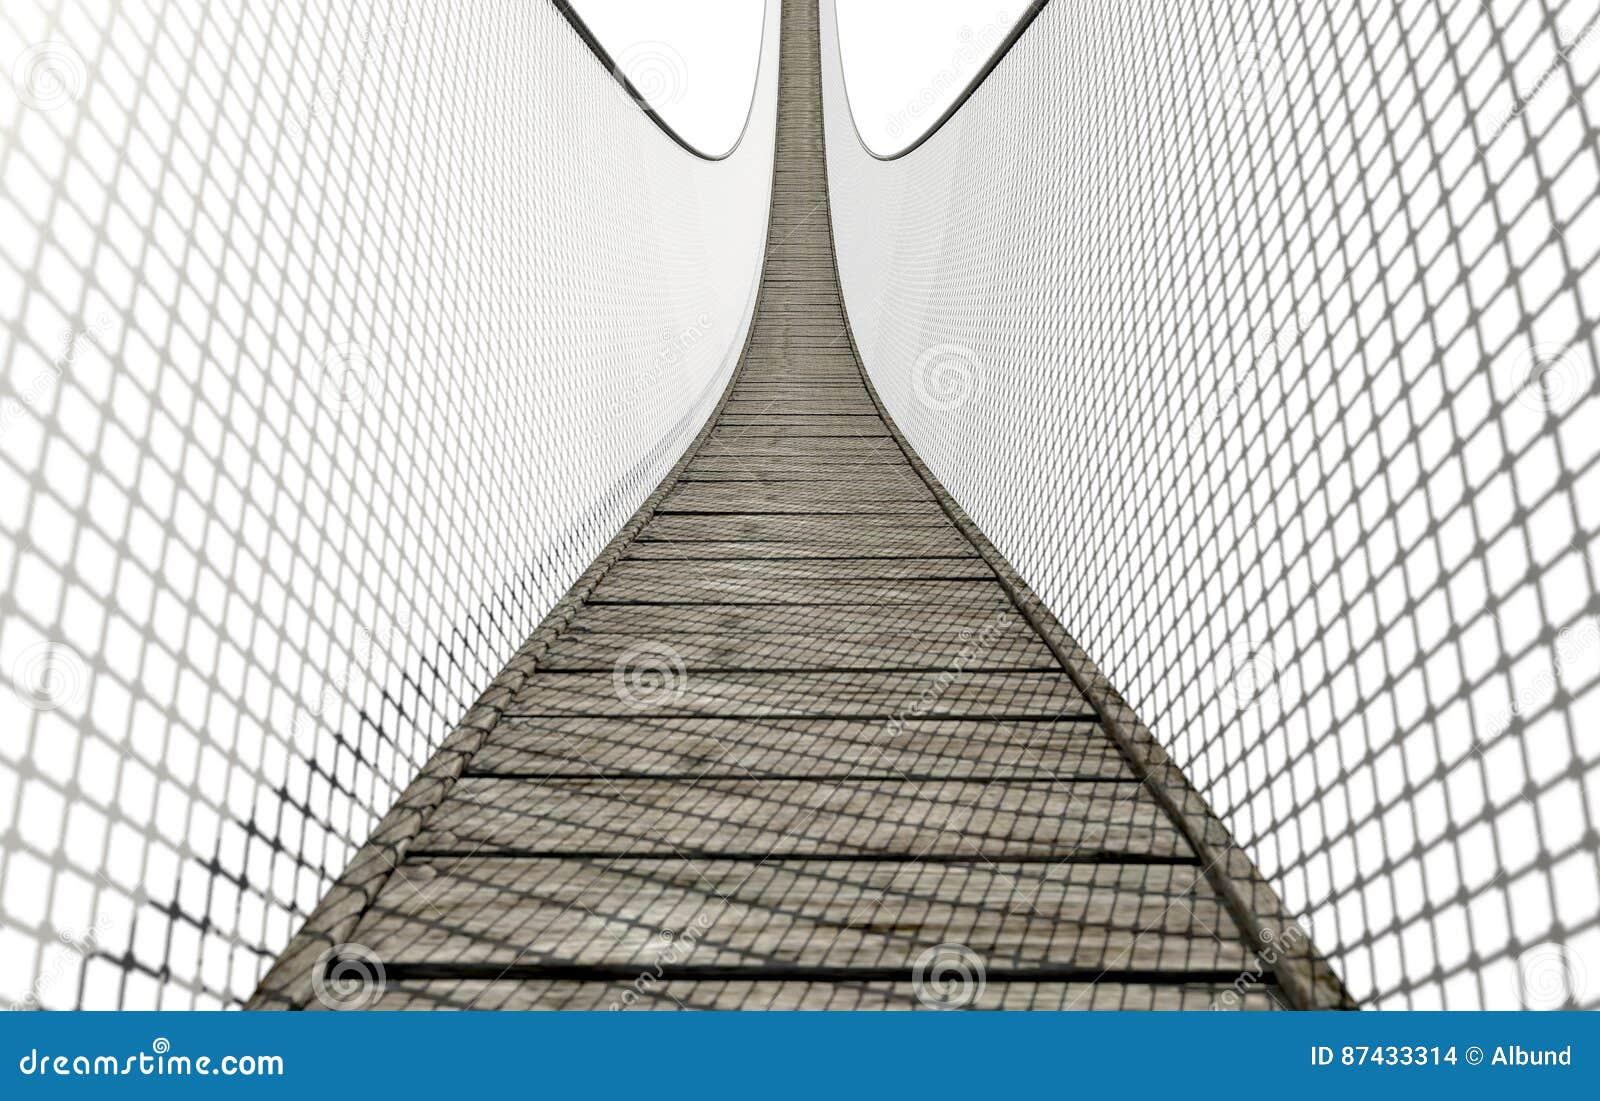 Seil-Brücke auf Weiß